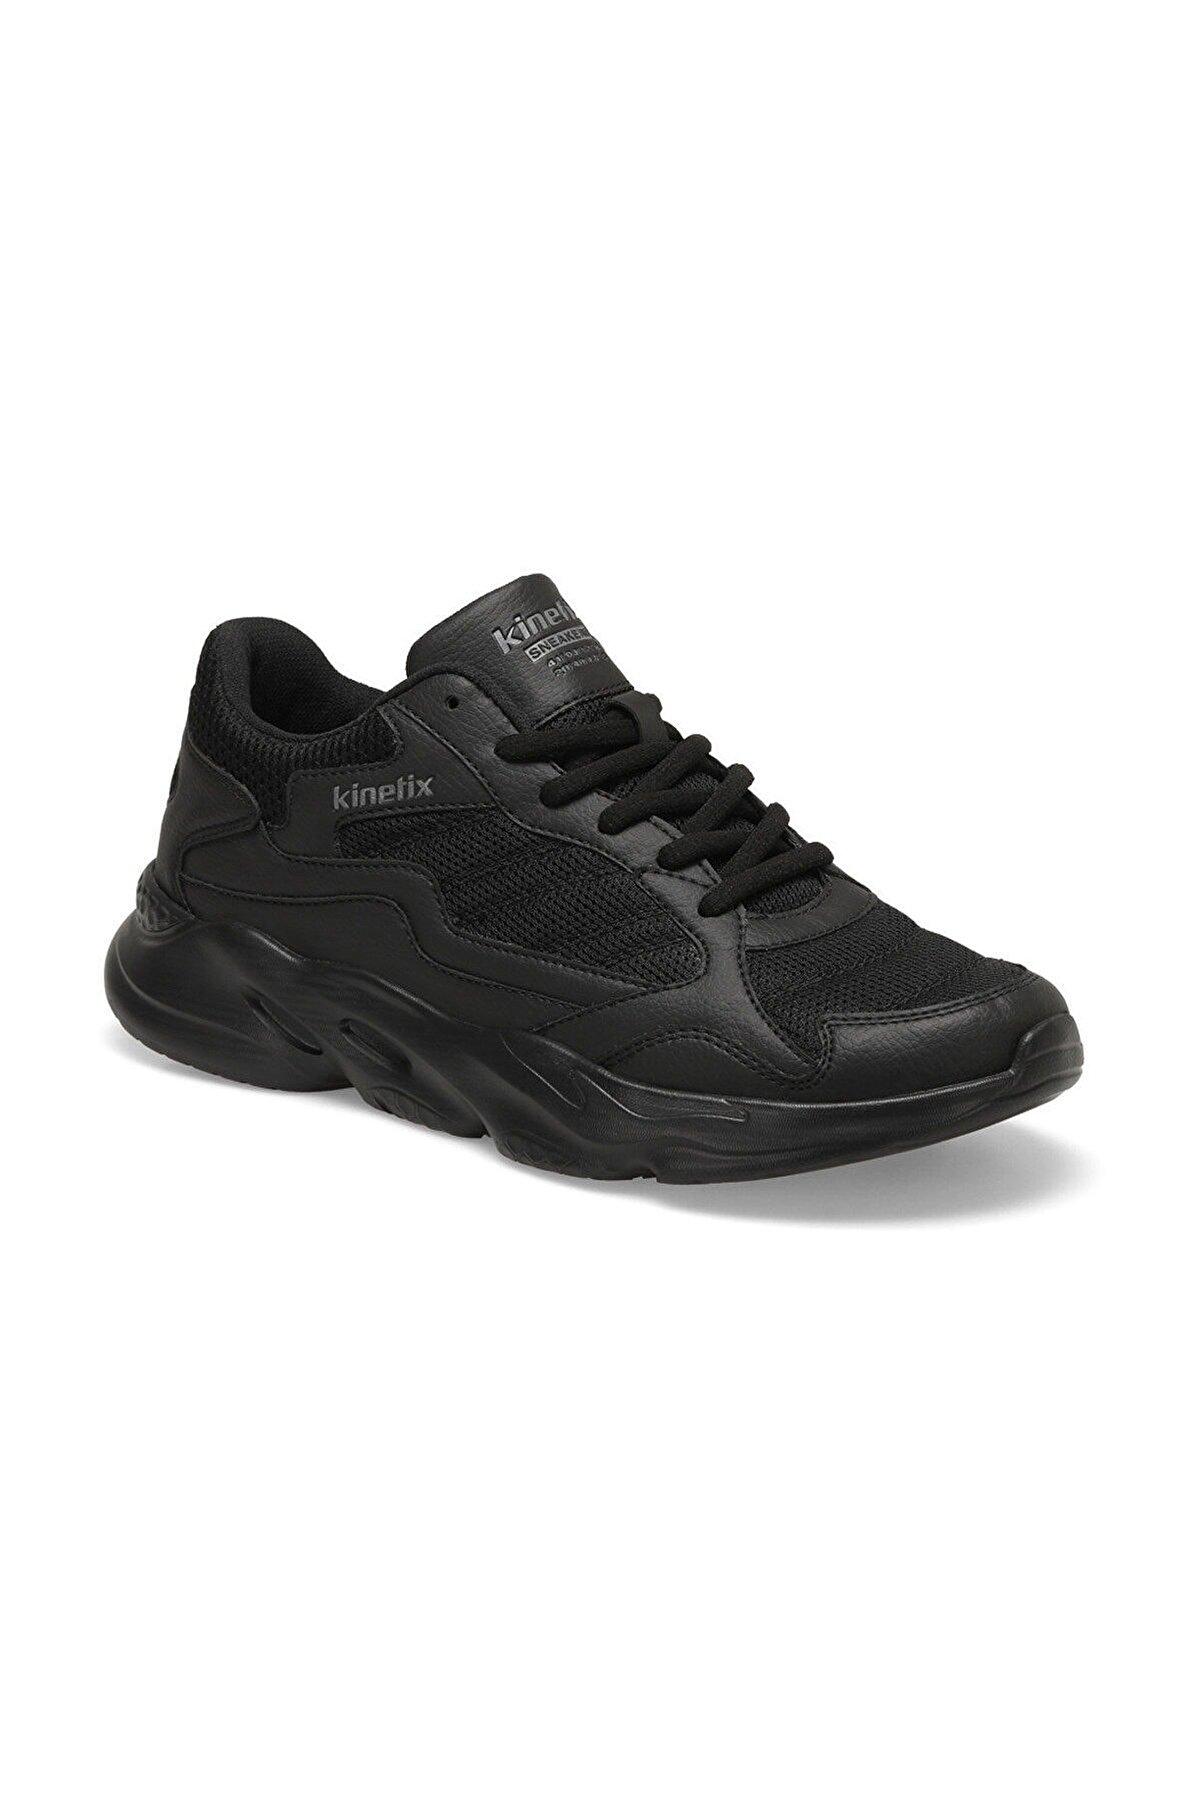 Kinetix EPIK MESH M Siyah Erkek Sneaker Ayakkabı 100483176